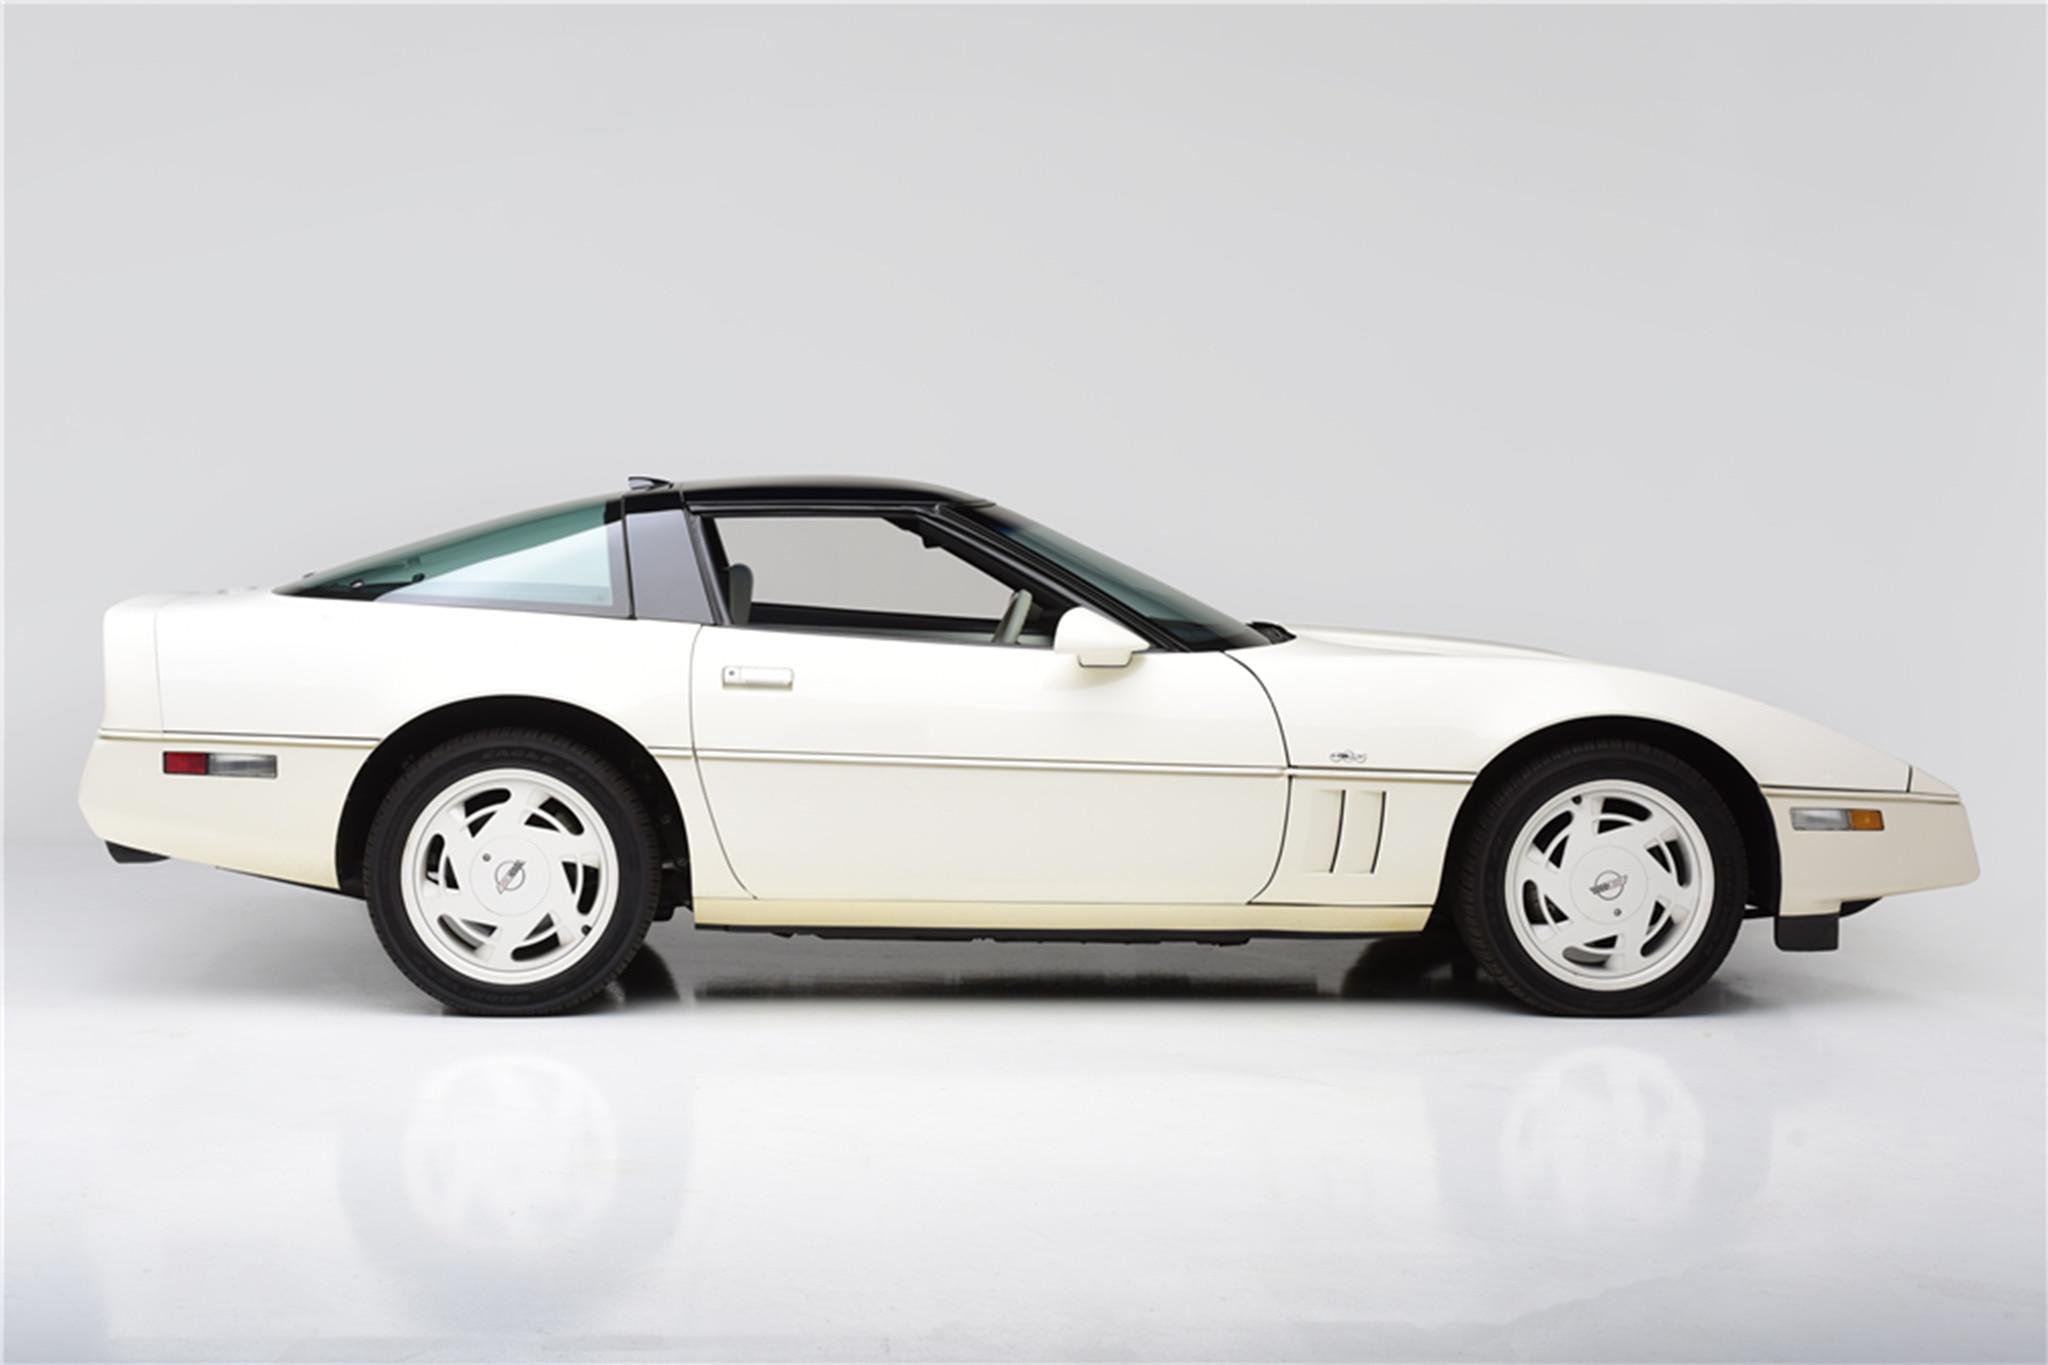 1988 Chevrolet Corvette 35th Anniversary Edition Side